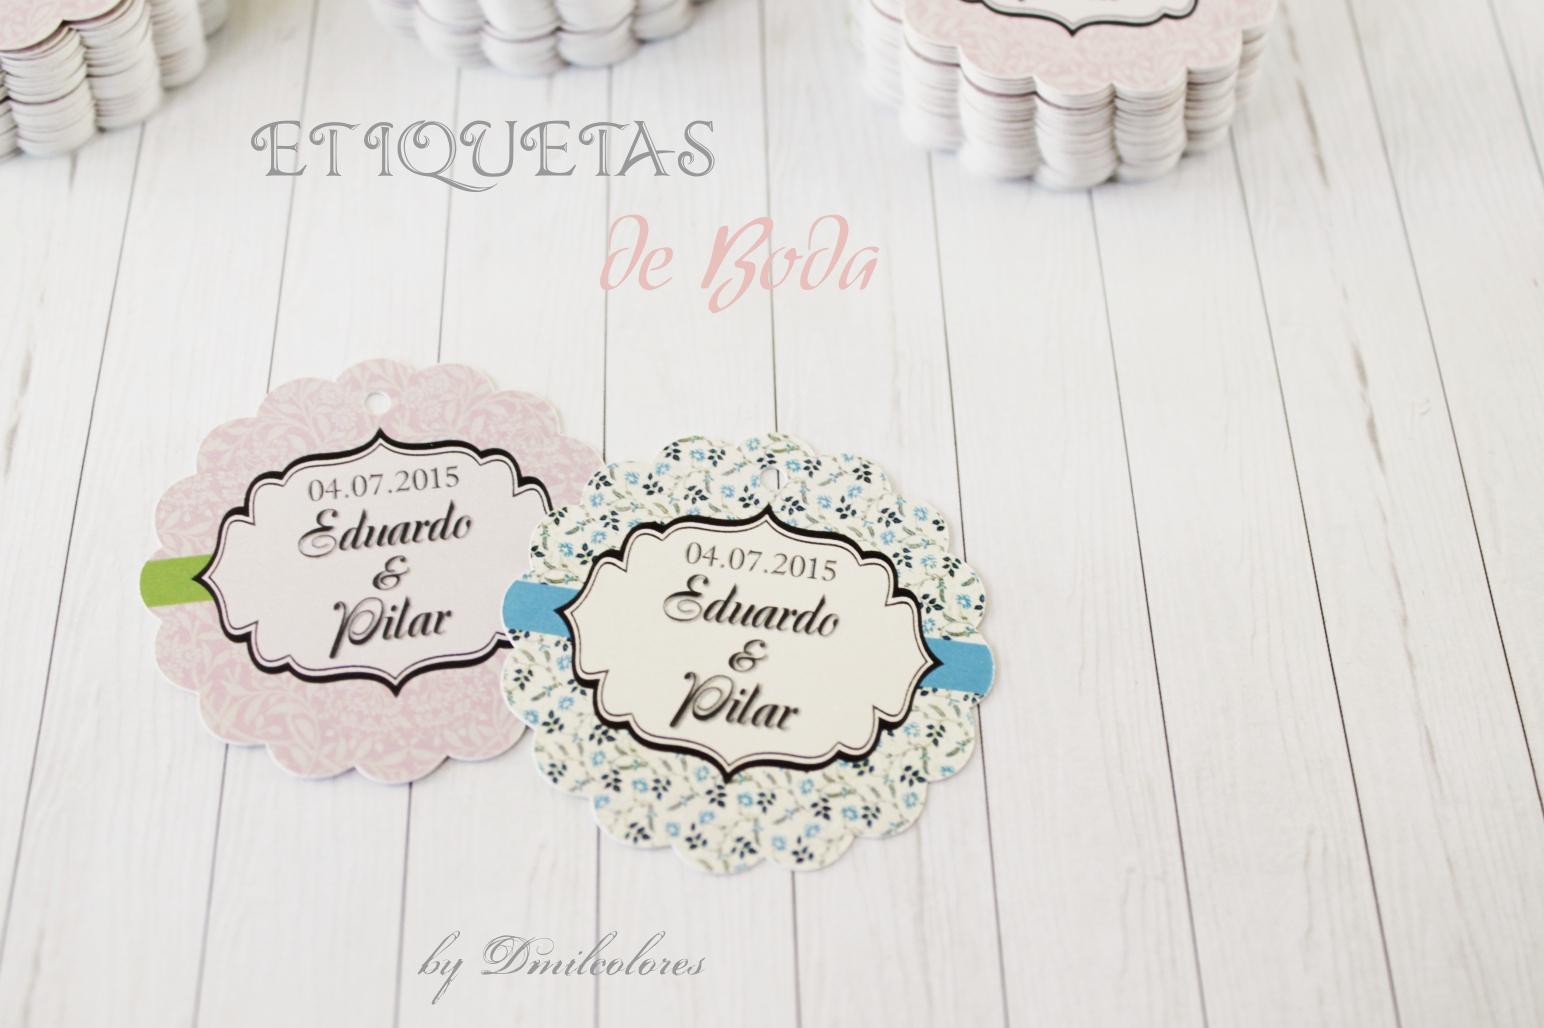 etiquetas personalizadas bodas